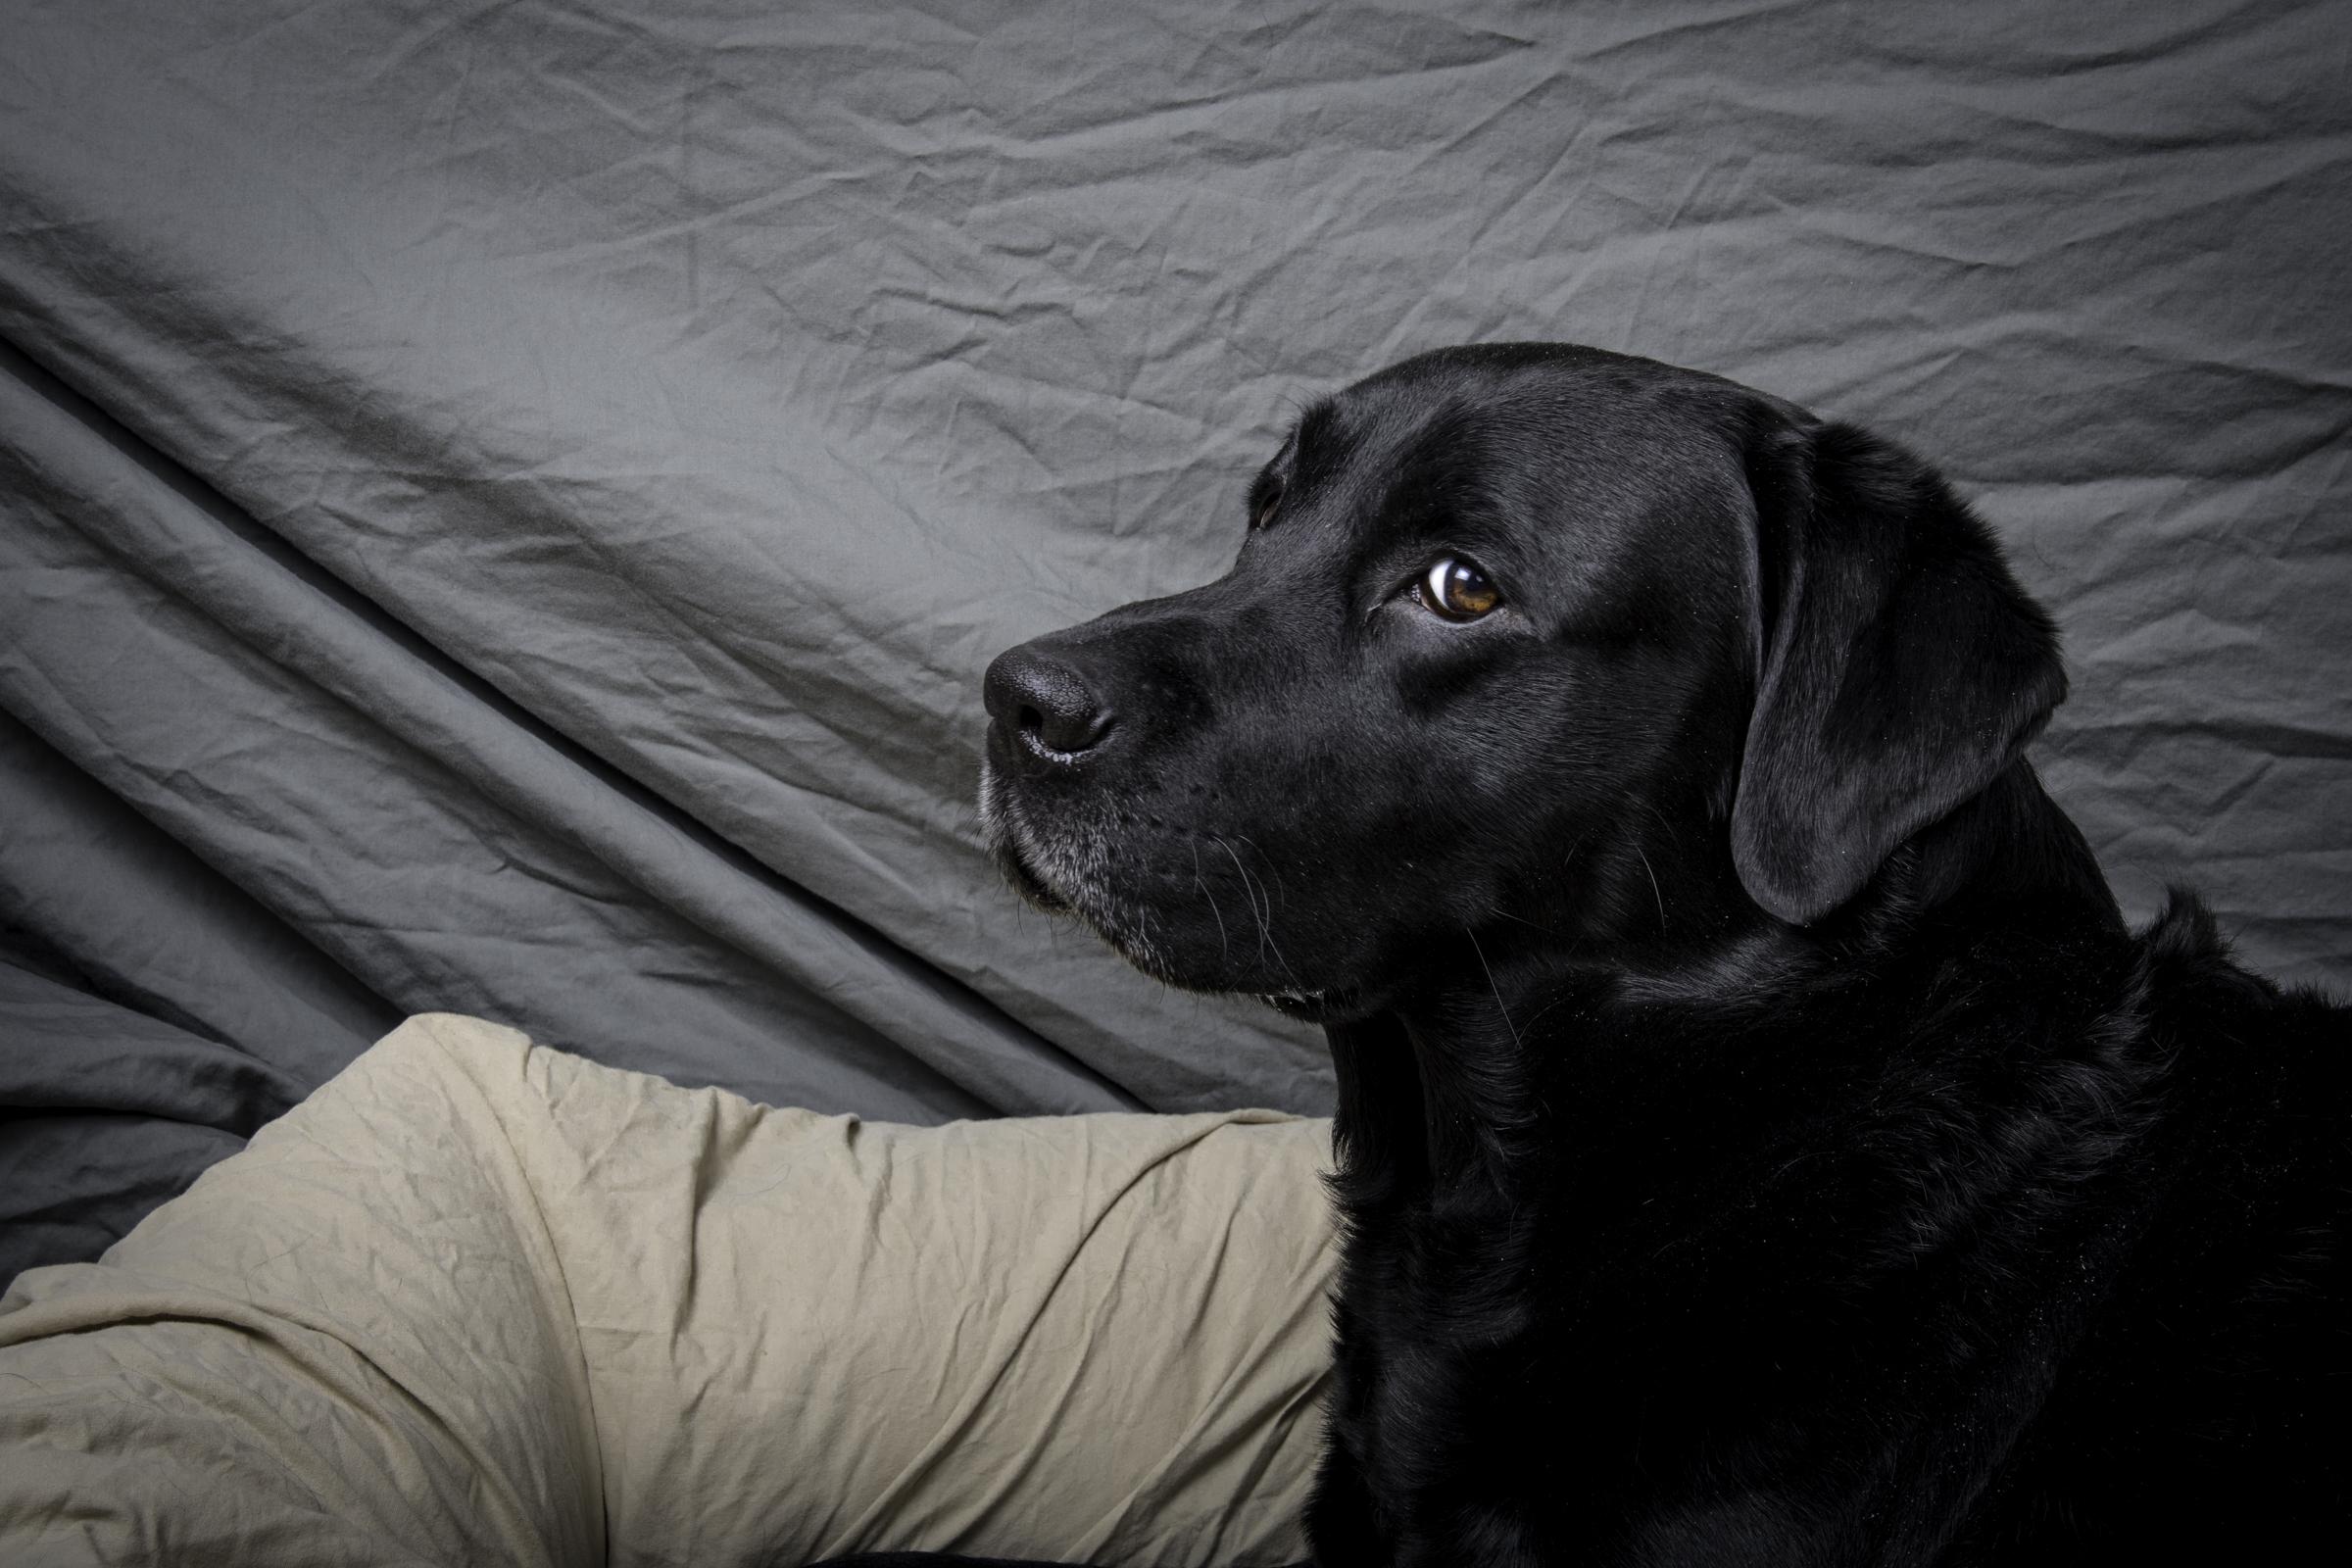 Labrador Marley har fått nok av studioblitz. Foto: Kristin B. Bruun